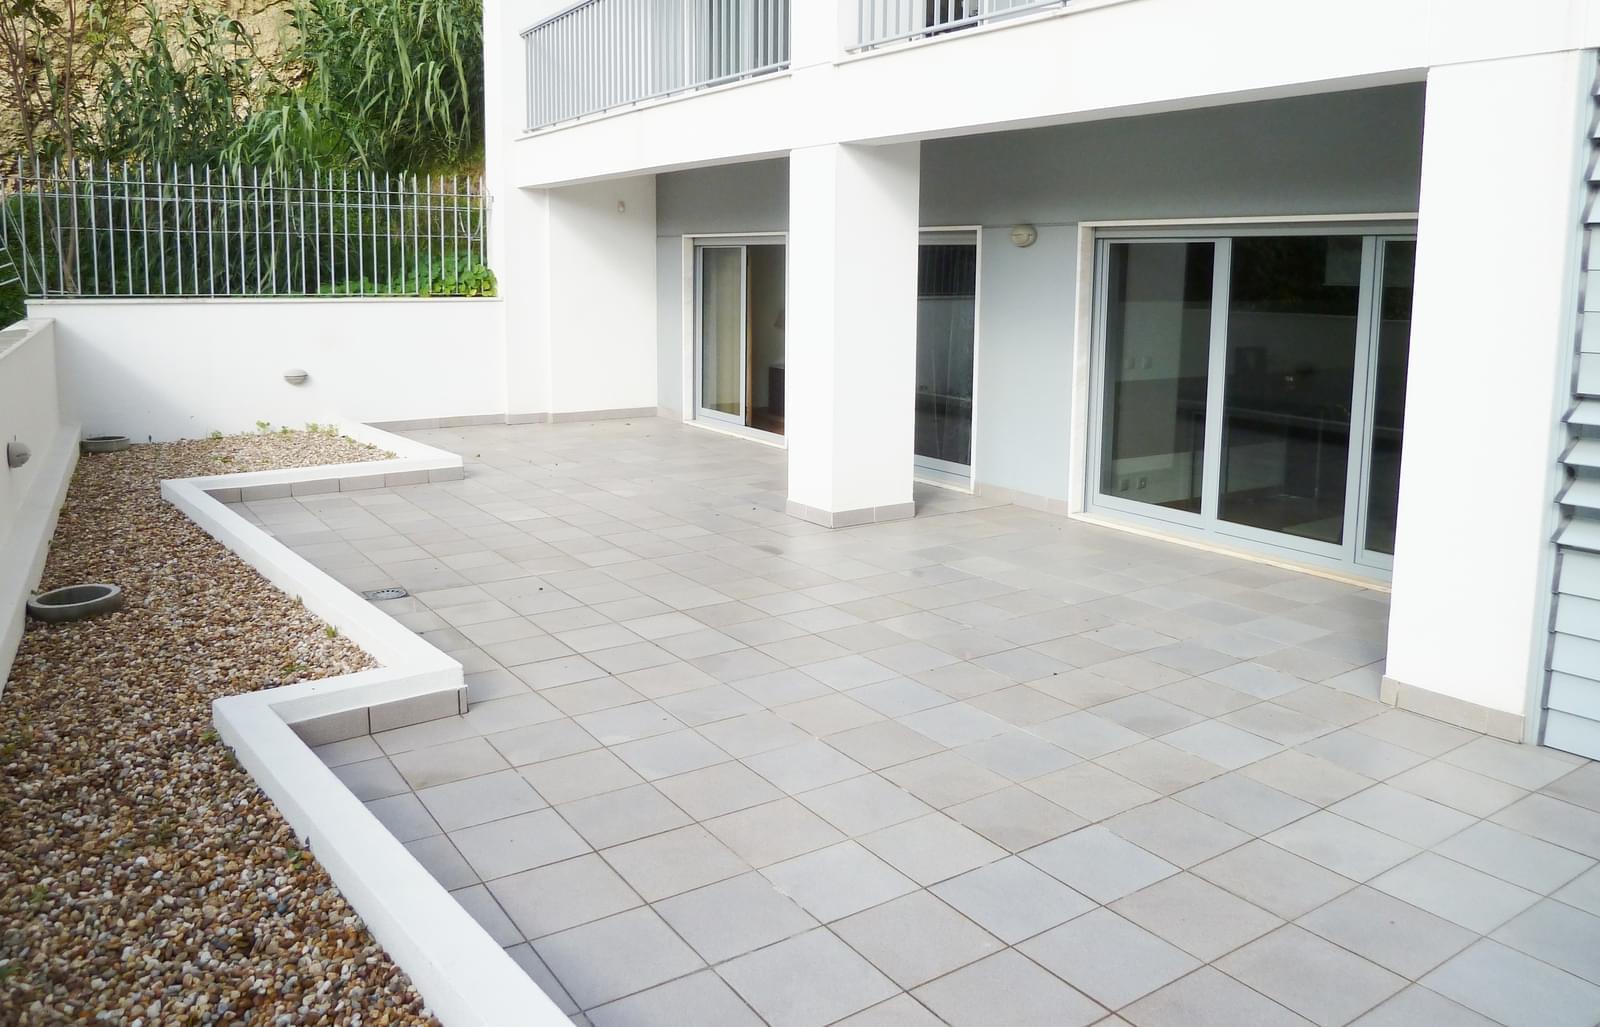 pf16882-apartamento-t2-lisboa-001f1370-3a41-4828-a794-0801615c2a21